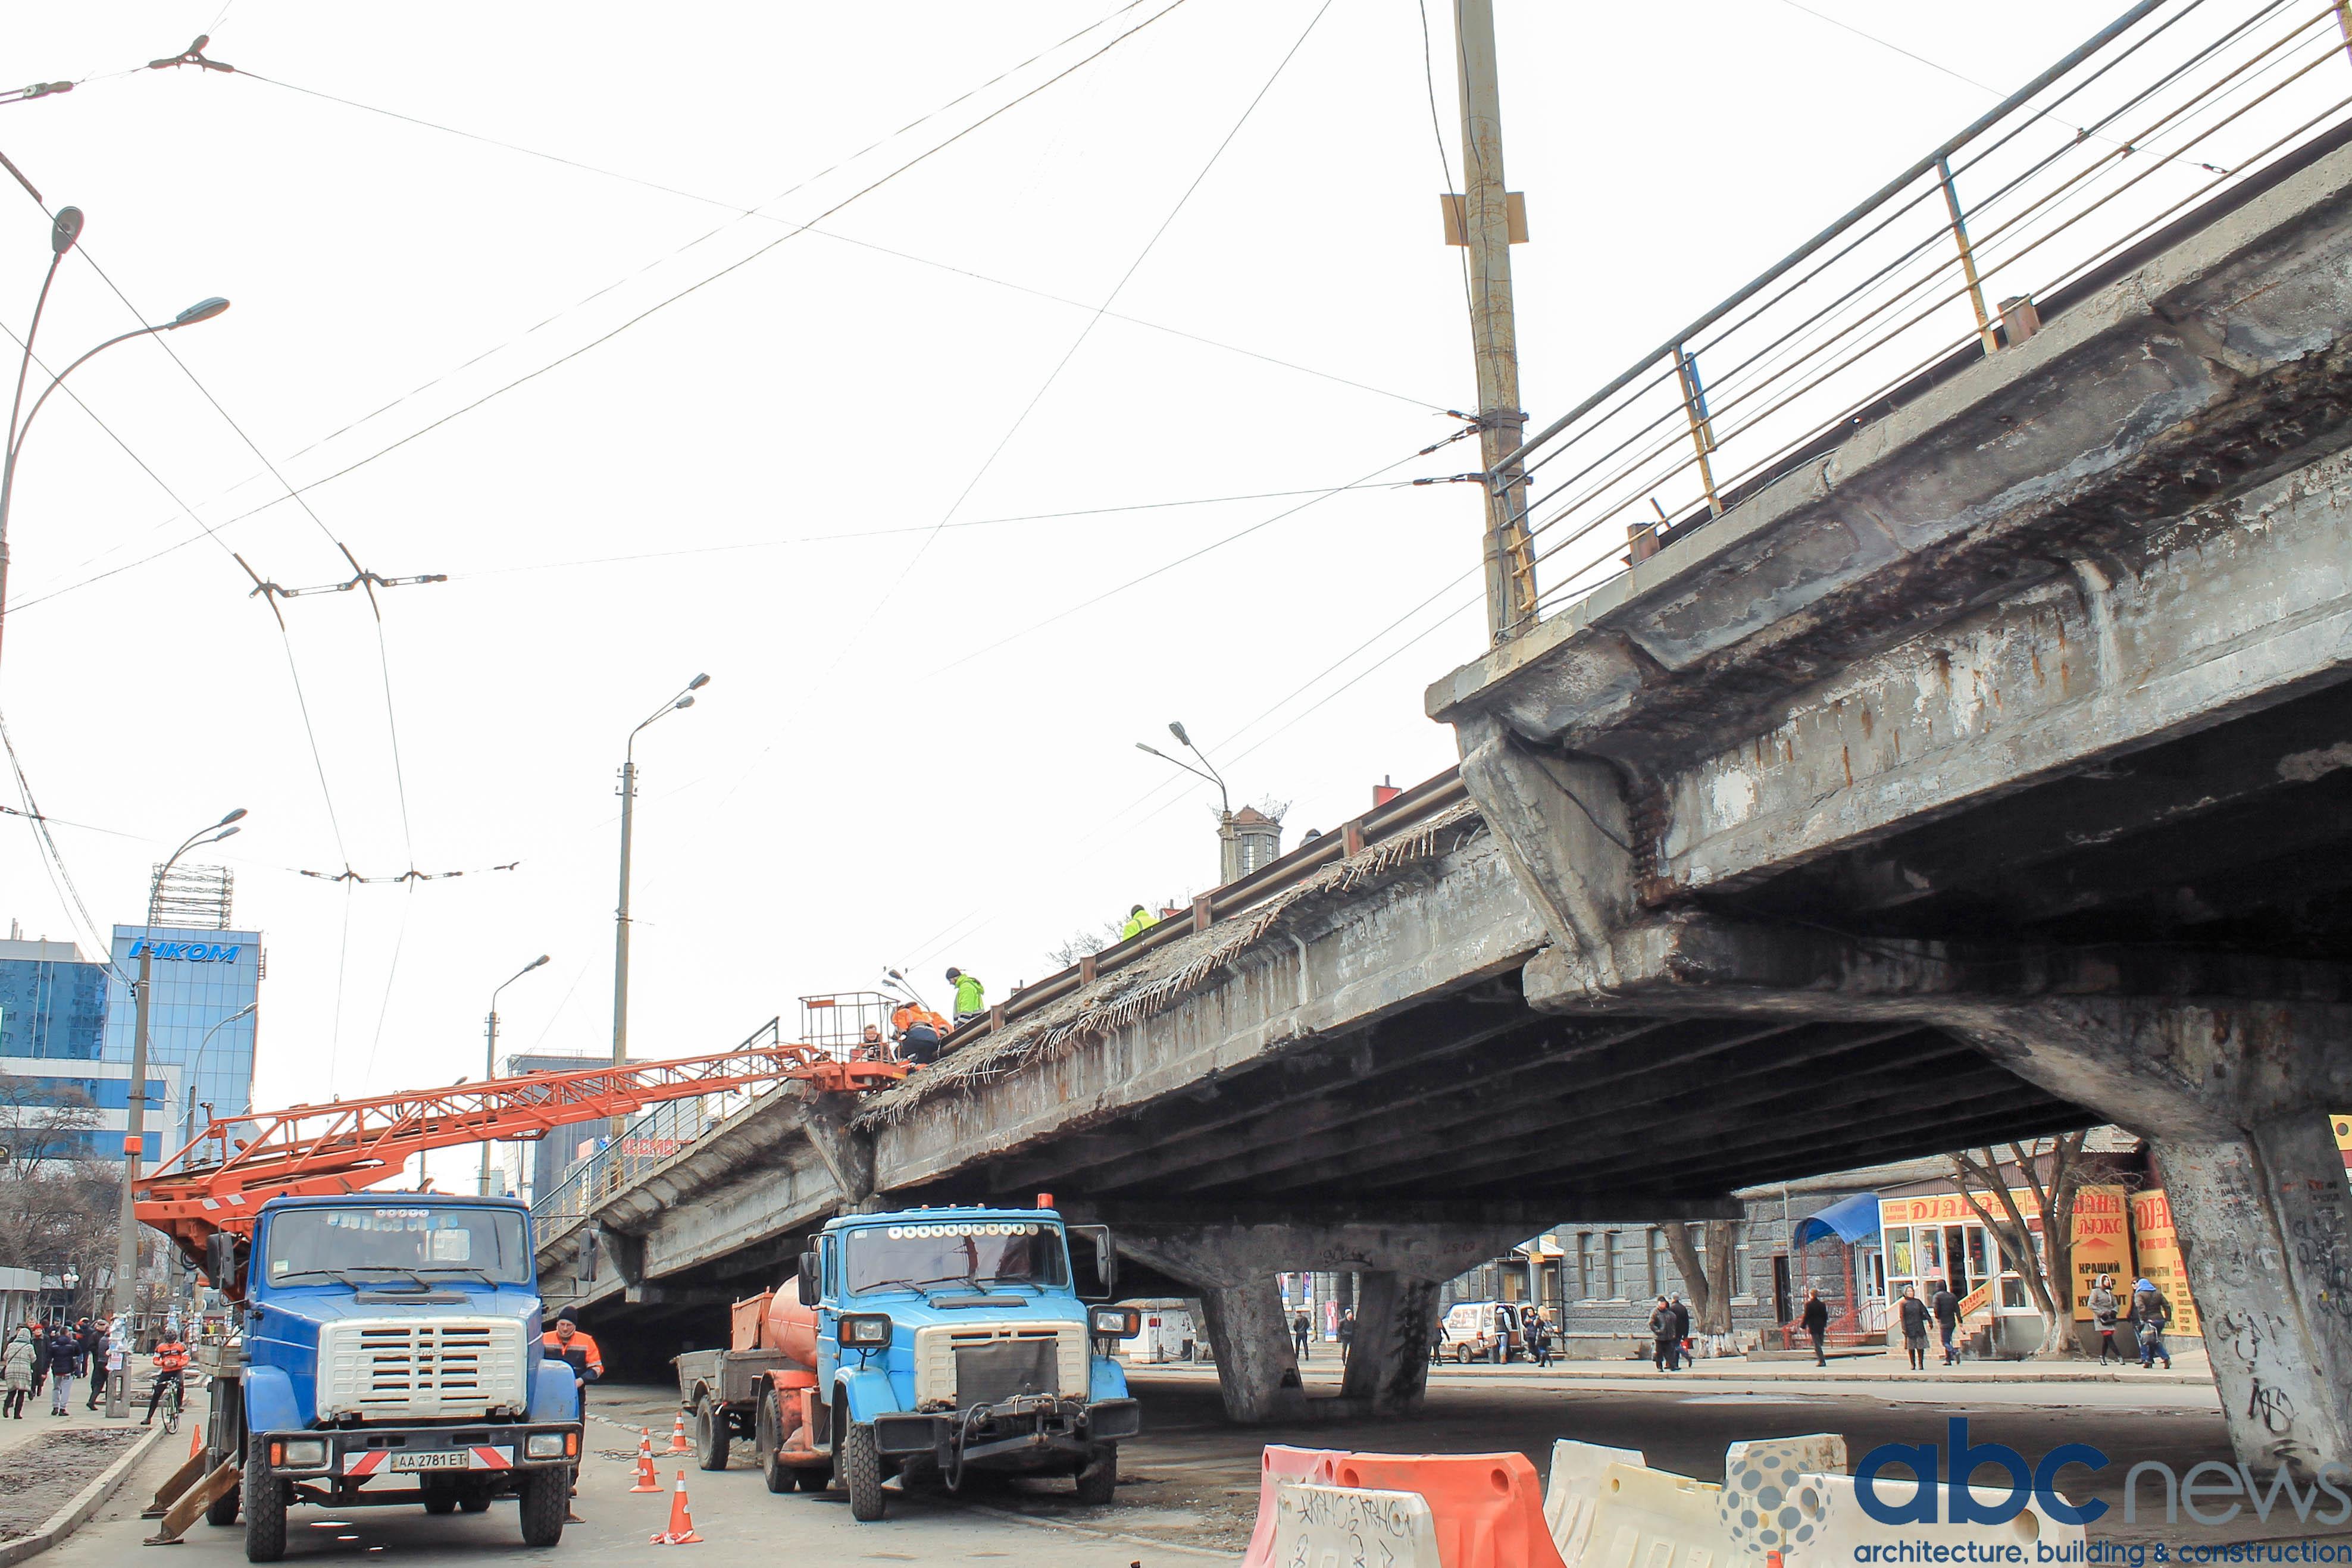 У Києві розпочинається ремонт ключової транспортної розв'язки: нова схема руху